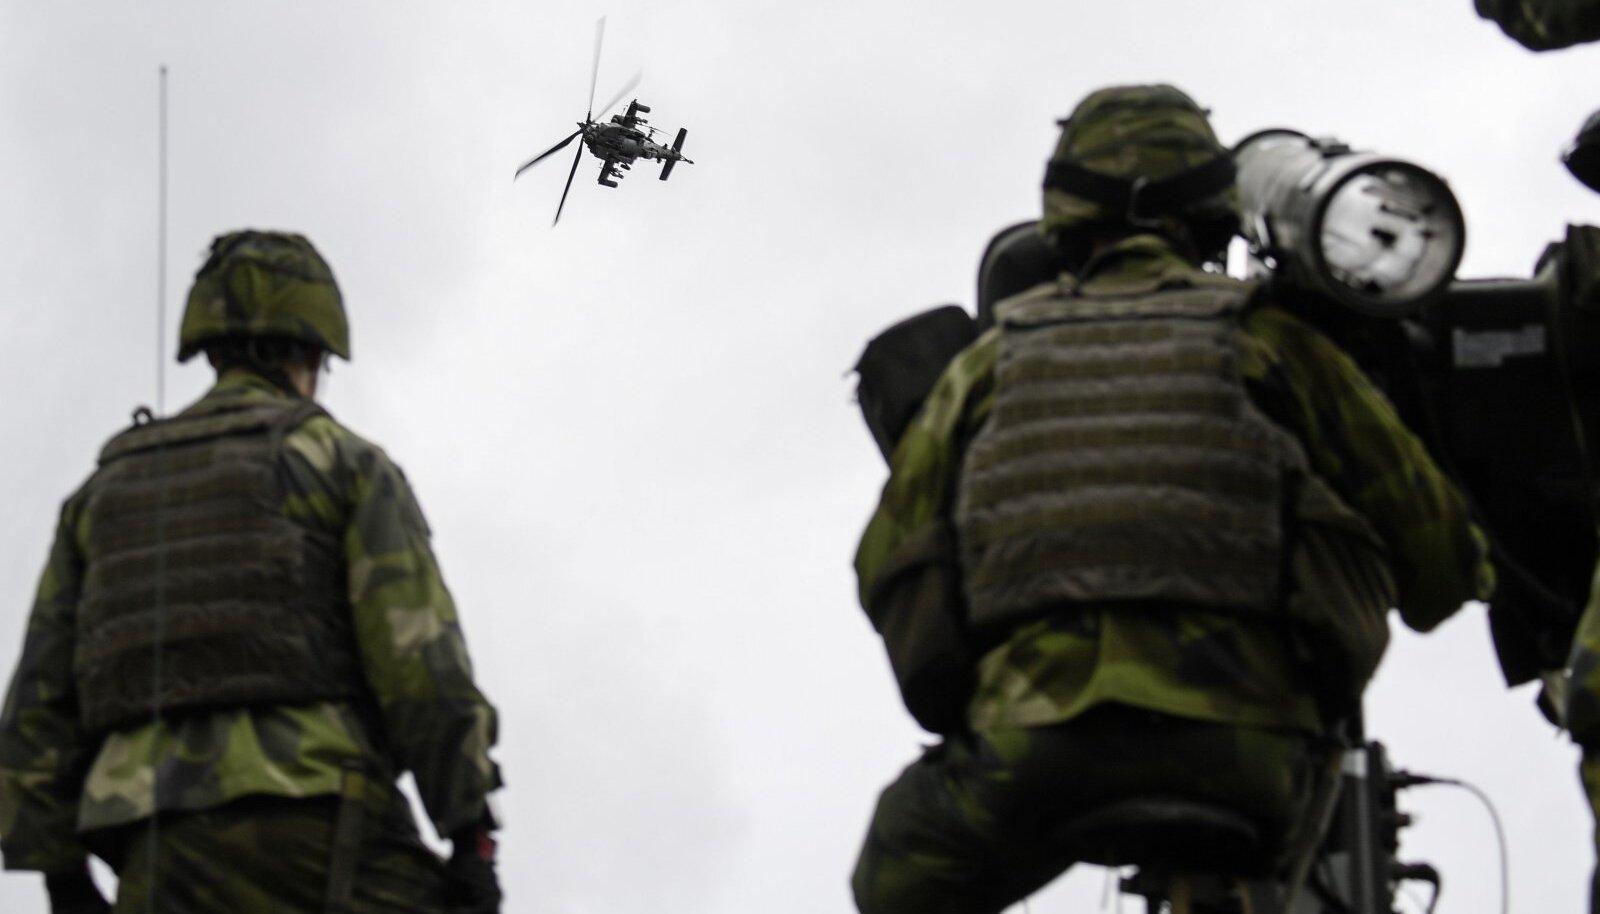 Rootsi õhutõrjerühm septembris 2017 Soome ja kuue NATO riigiga peetud ühisõppusel